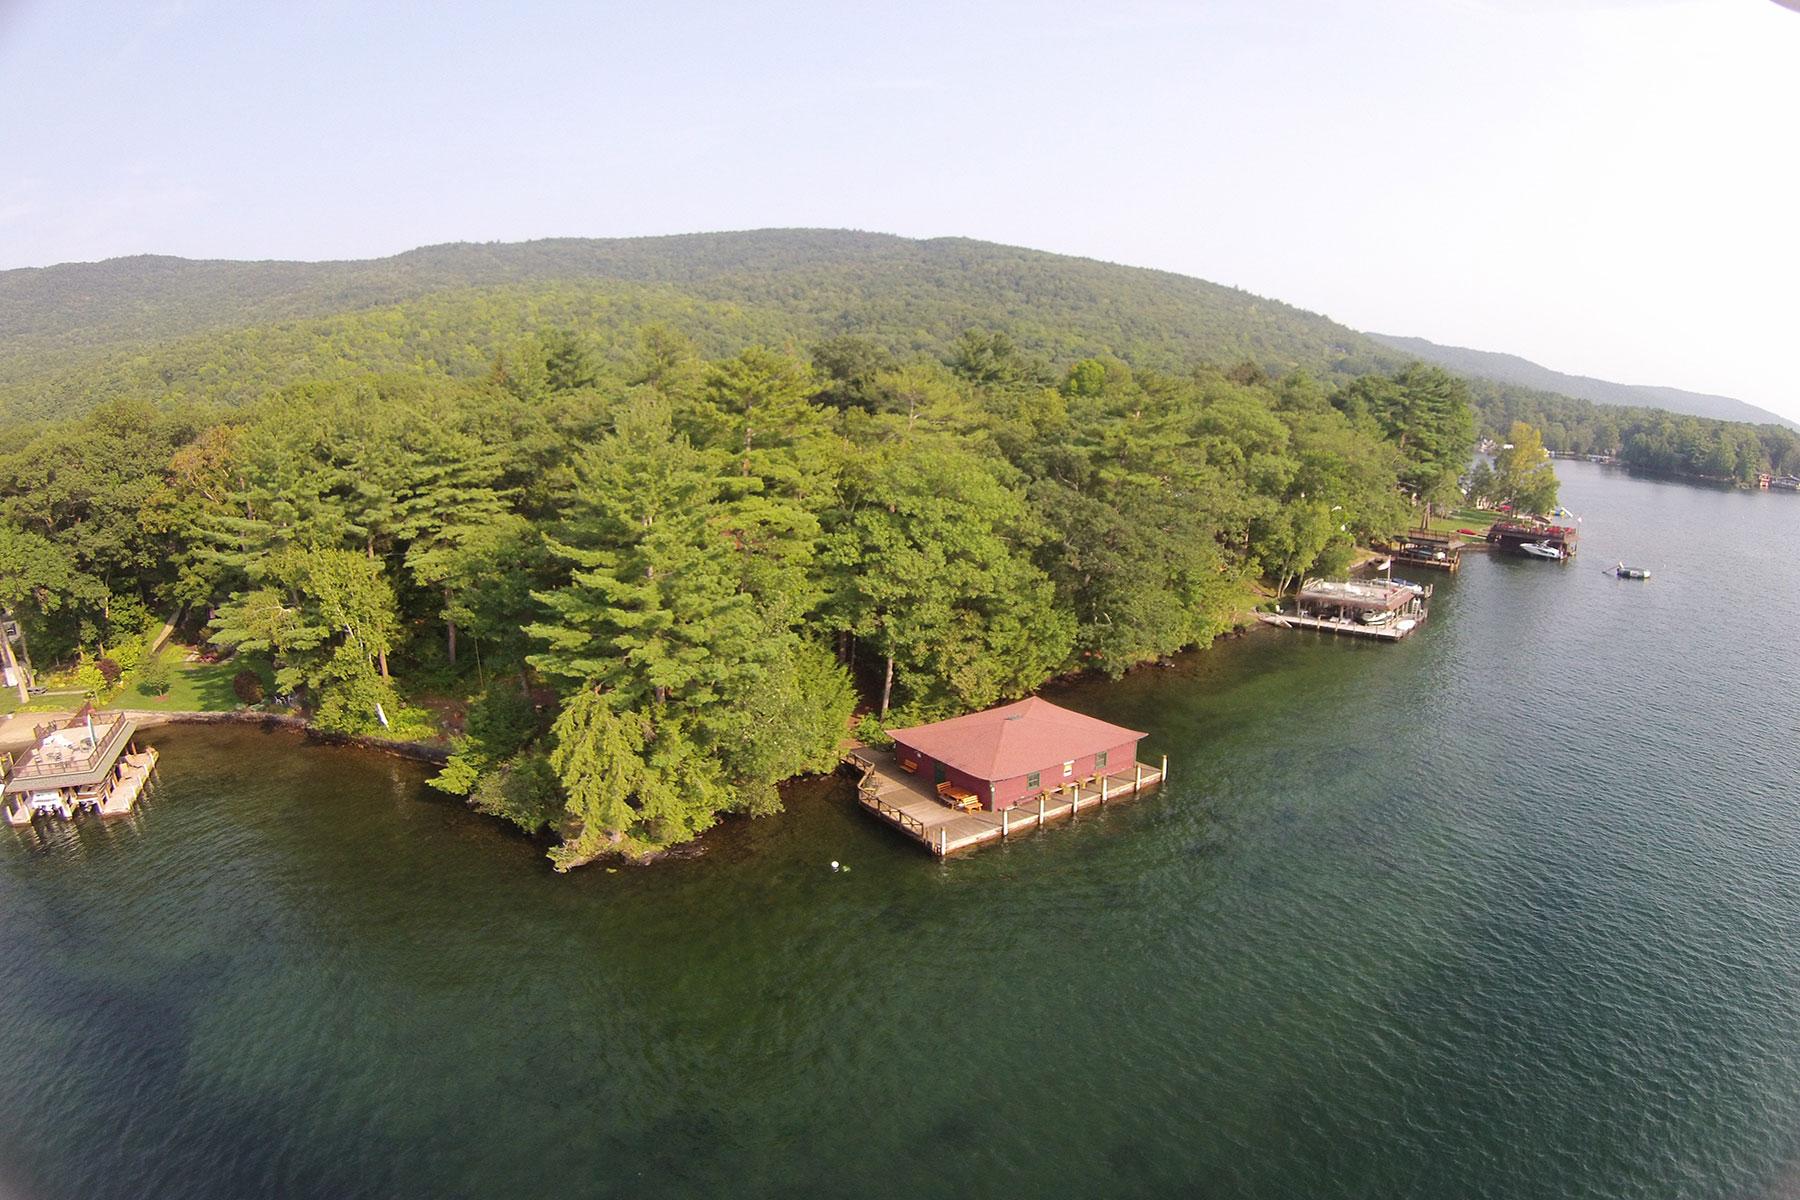 独户住宅 为 销售 在 Tapawingo - Lake George Waterfront 32 Bean Rd Kattskill Bay, 纽约州 12844 美国